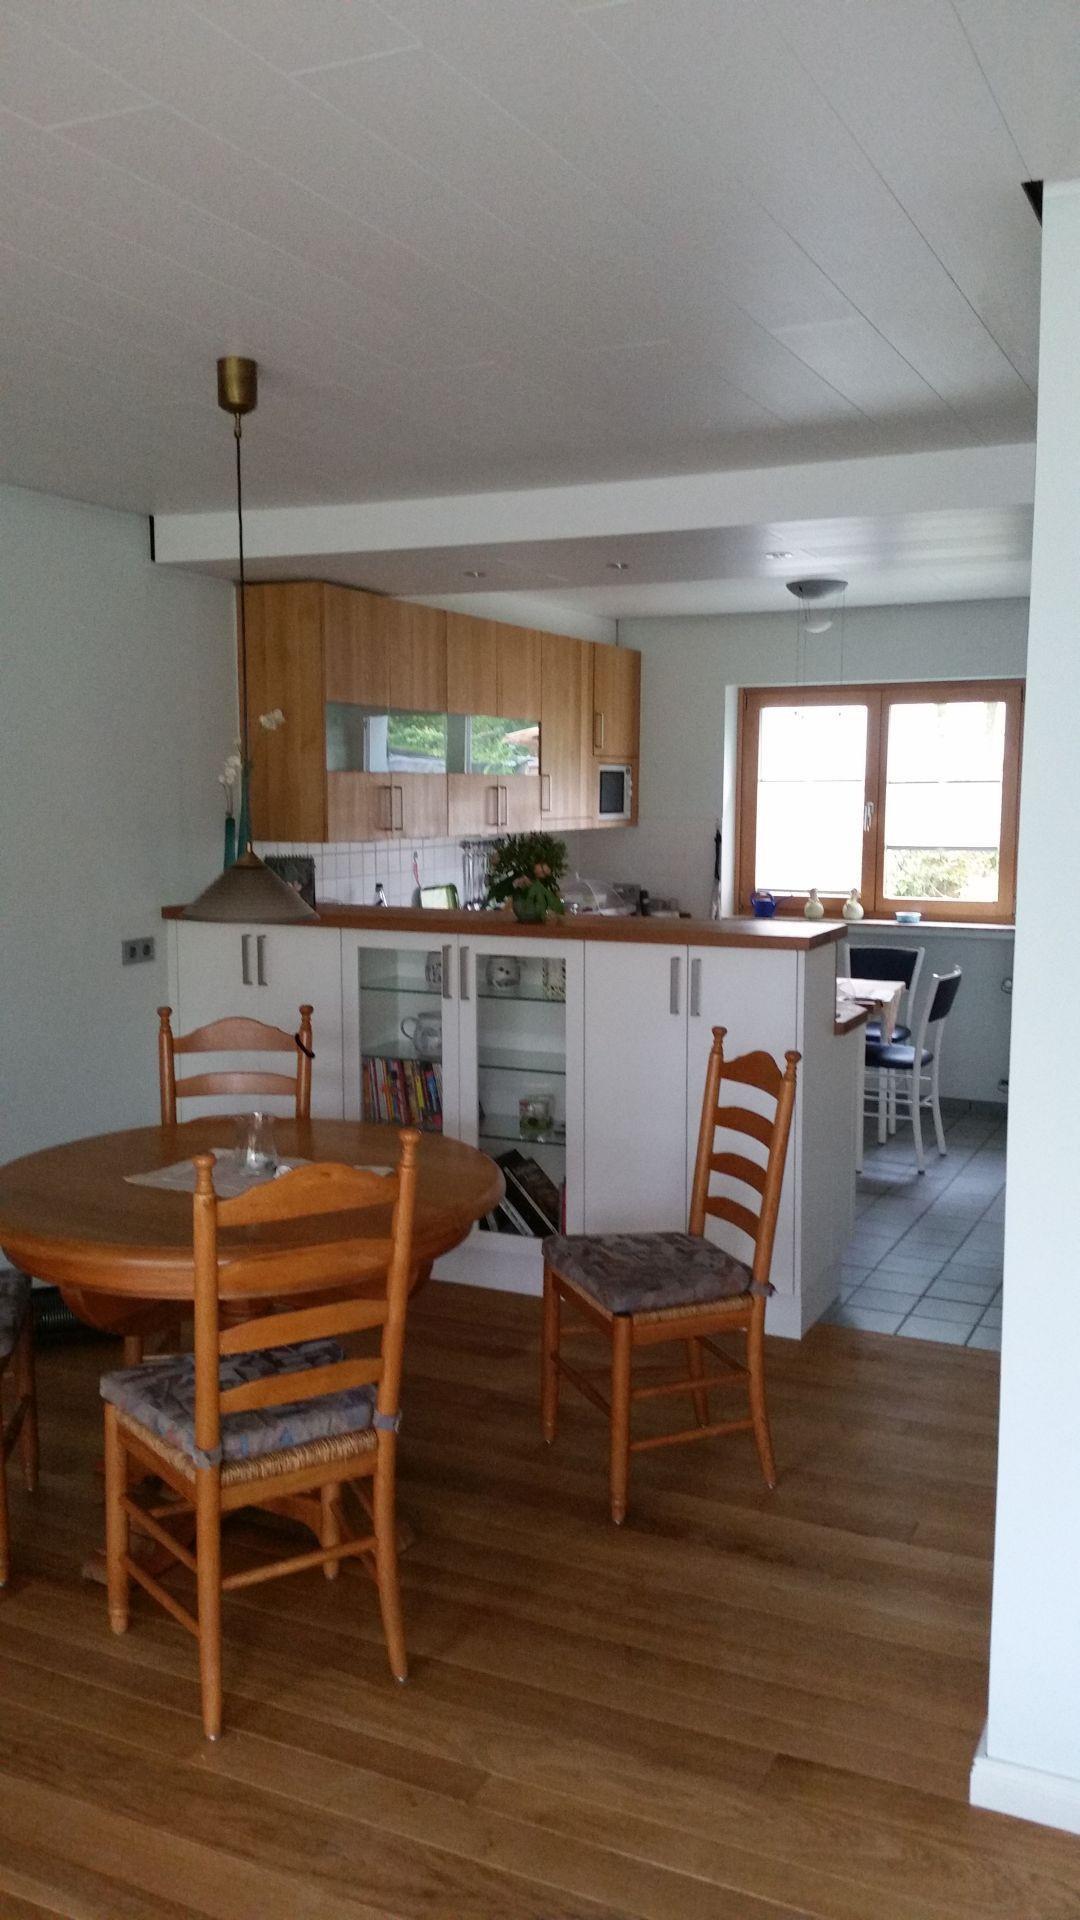 Küche Mit Massivholzarbeitsplatten Und Massivholzfronten In Den